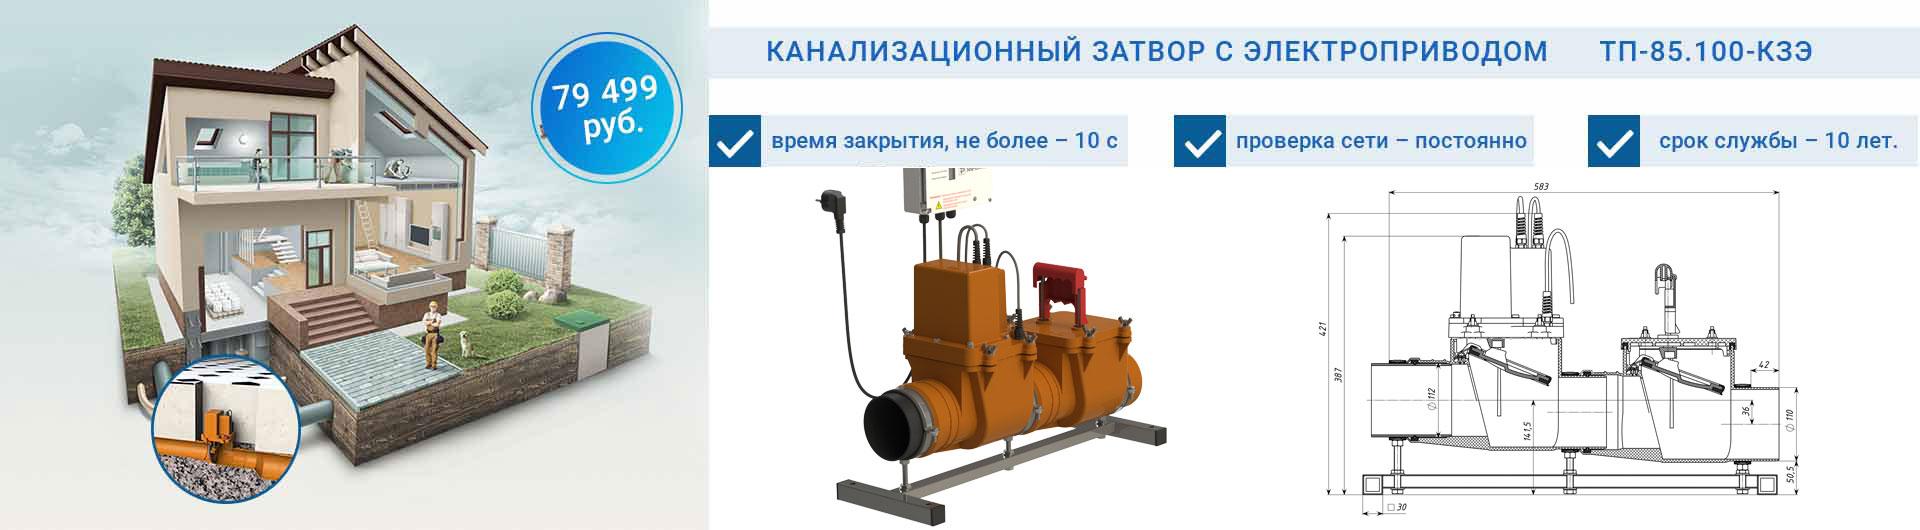 Канализационный затвор с электроприводом ТП-85.100-КЗЭ